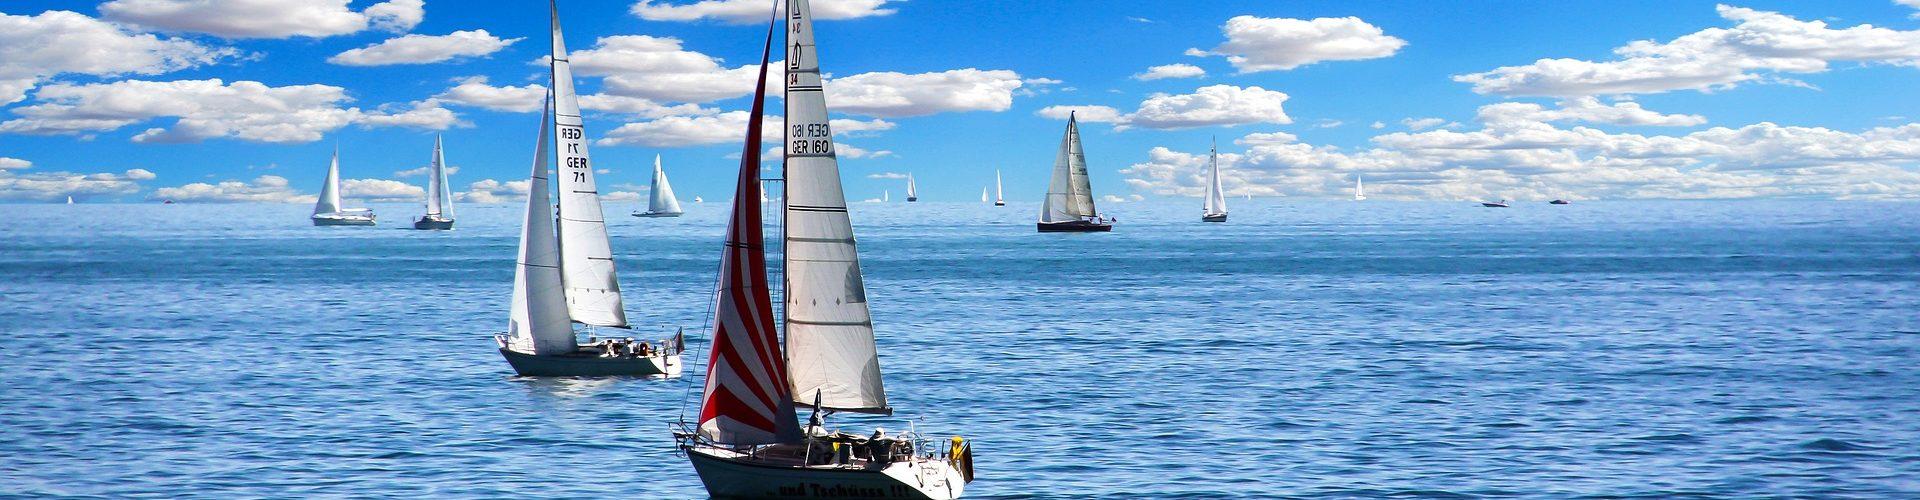 segeln lernen in Friedrichsdorf segelschein machen in Friedrichsdorf 1920x500 - Segeln lernen in Friedrichsdorf